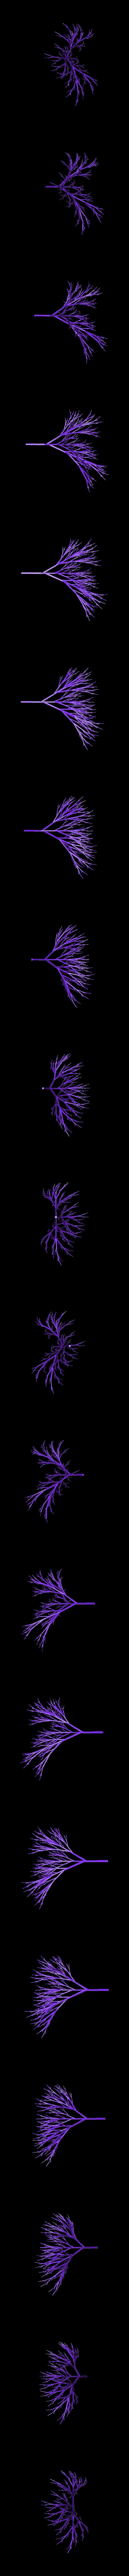 Completely_Random_Tree_1.stl Télécharger fichier STL gratuit Arbre complètement aléatoire • Objet pour impression 3D, Numbmond